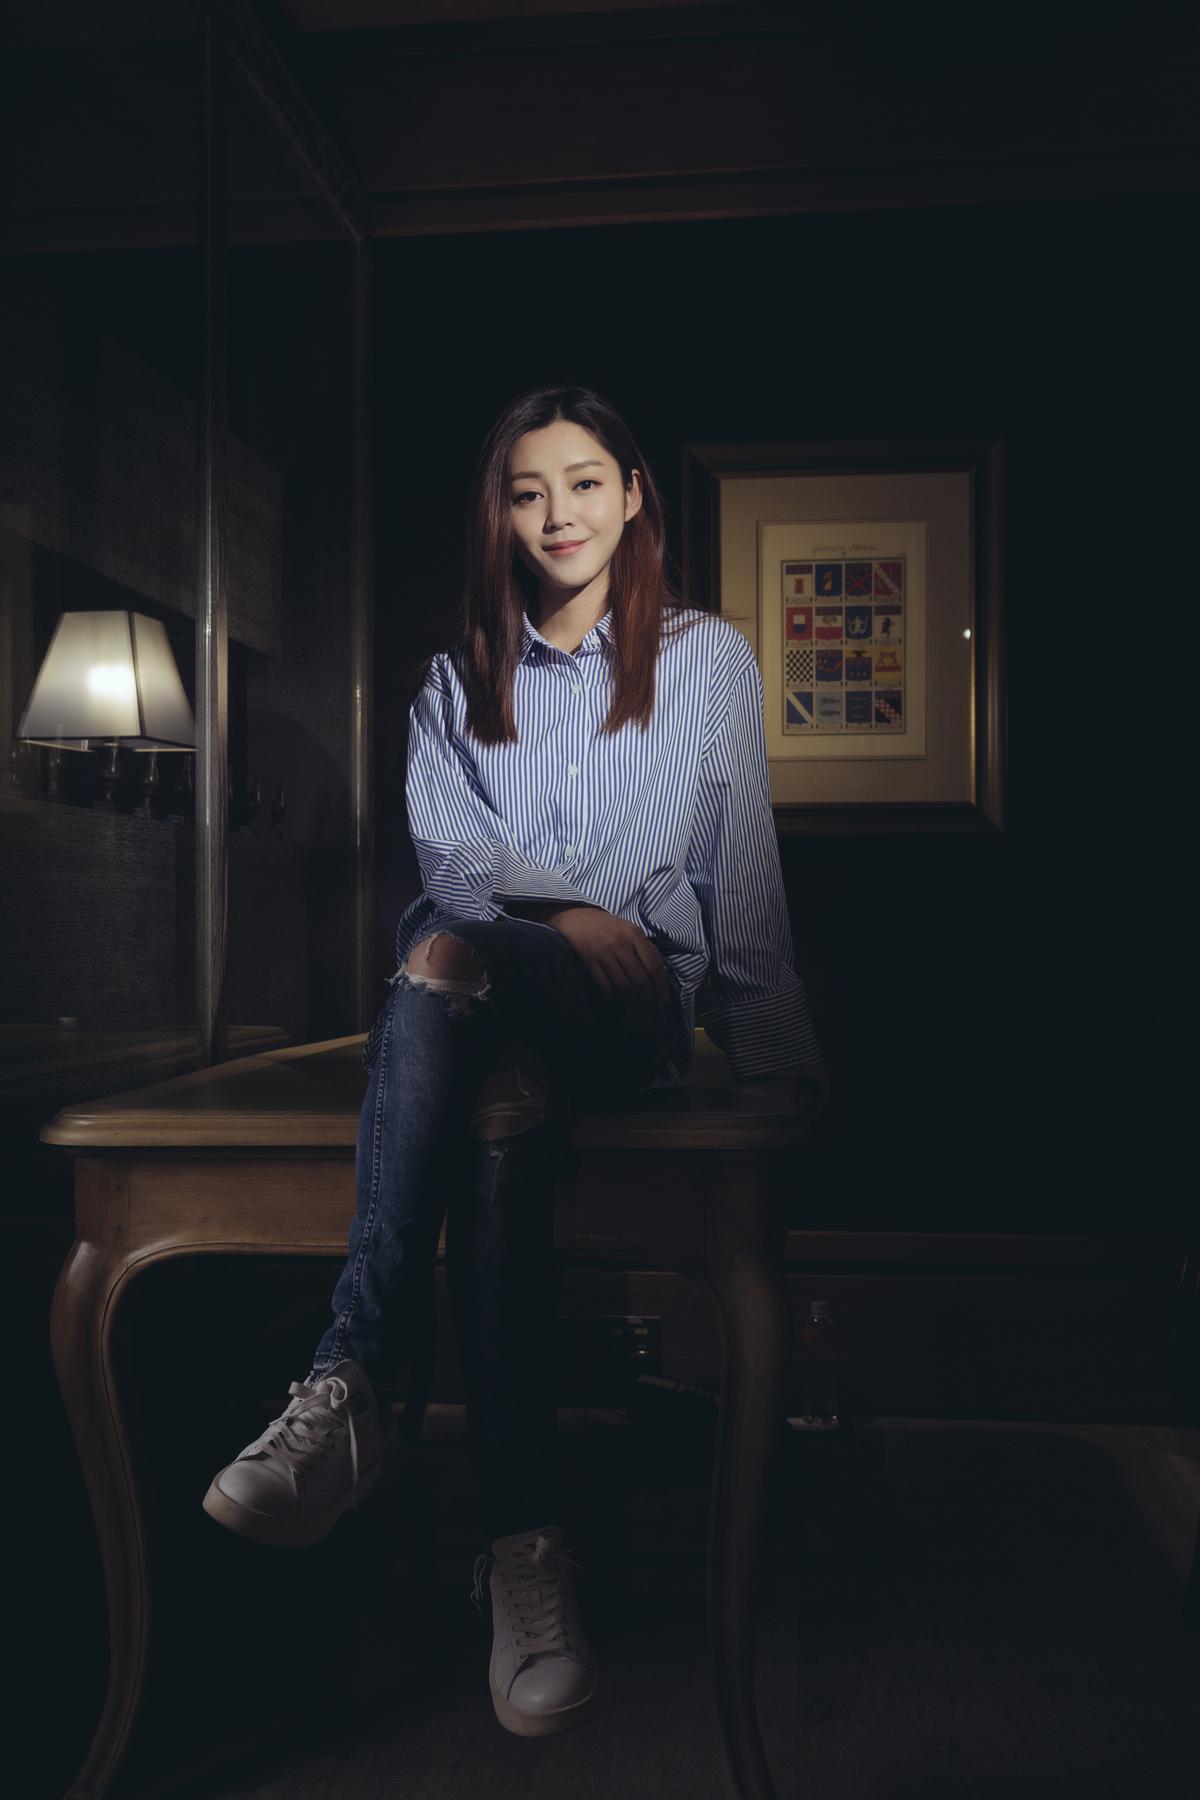 衛詩雅在《失眠》中飾演雙胞胎,特別準備專屬她們的筆記本,隨時記錄角色情緒。